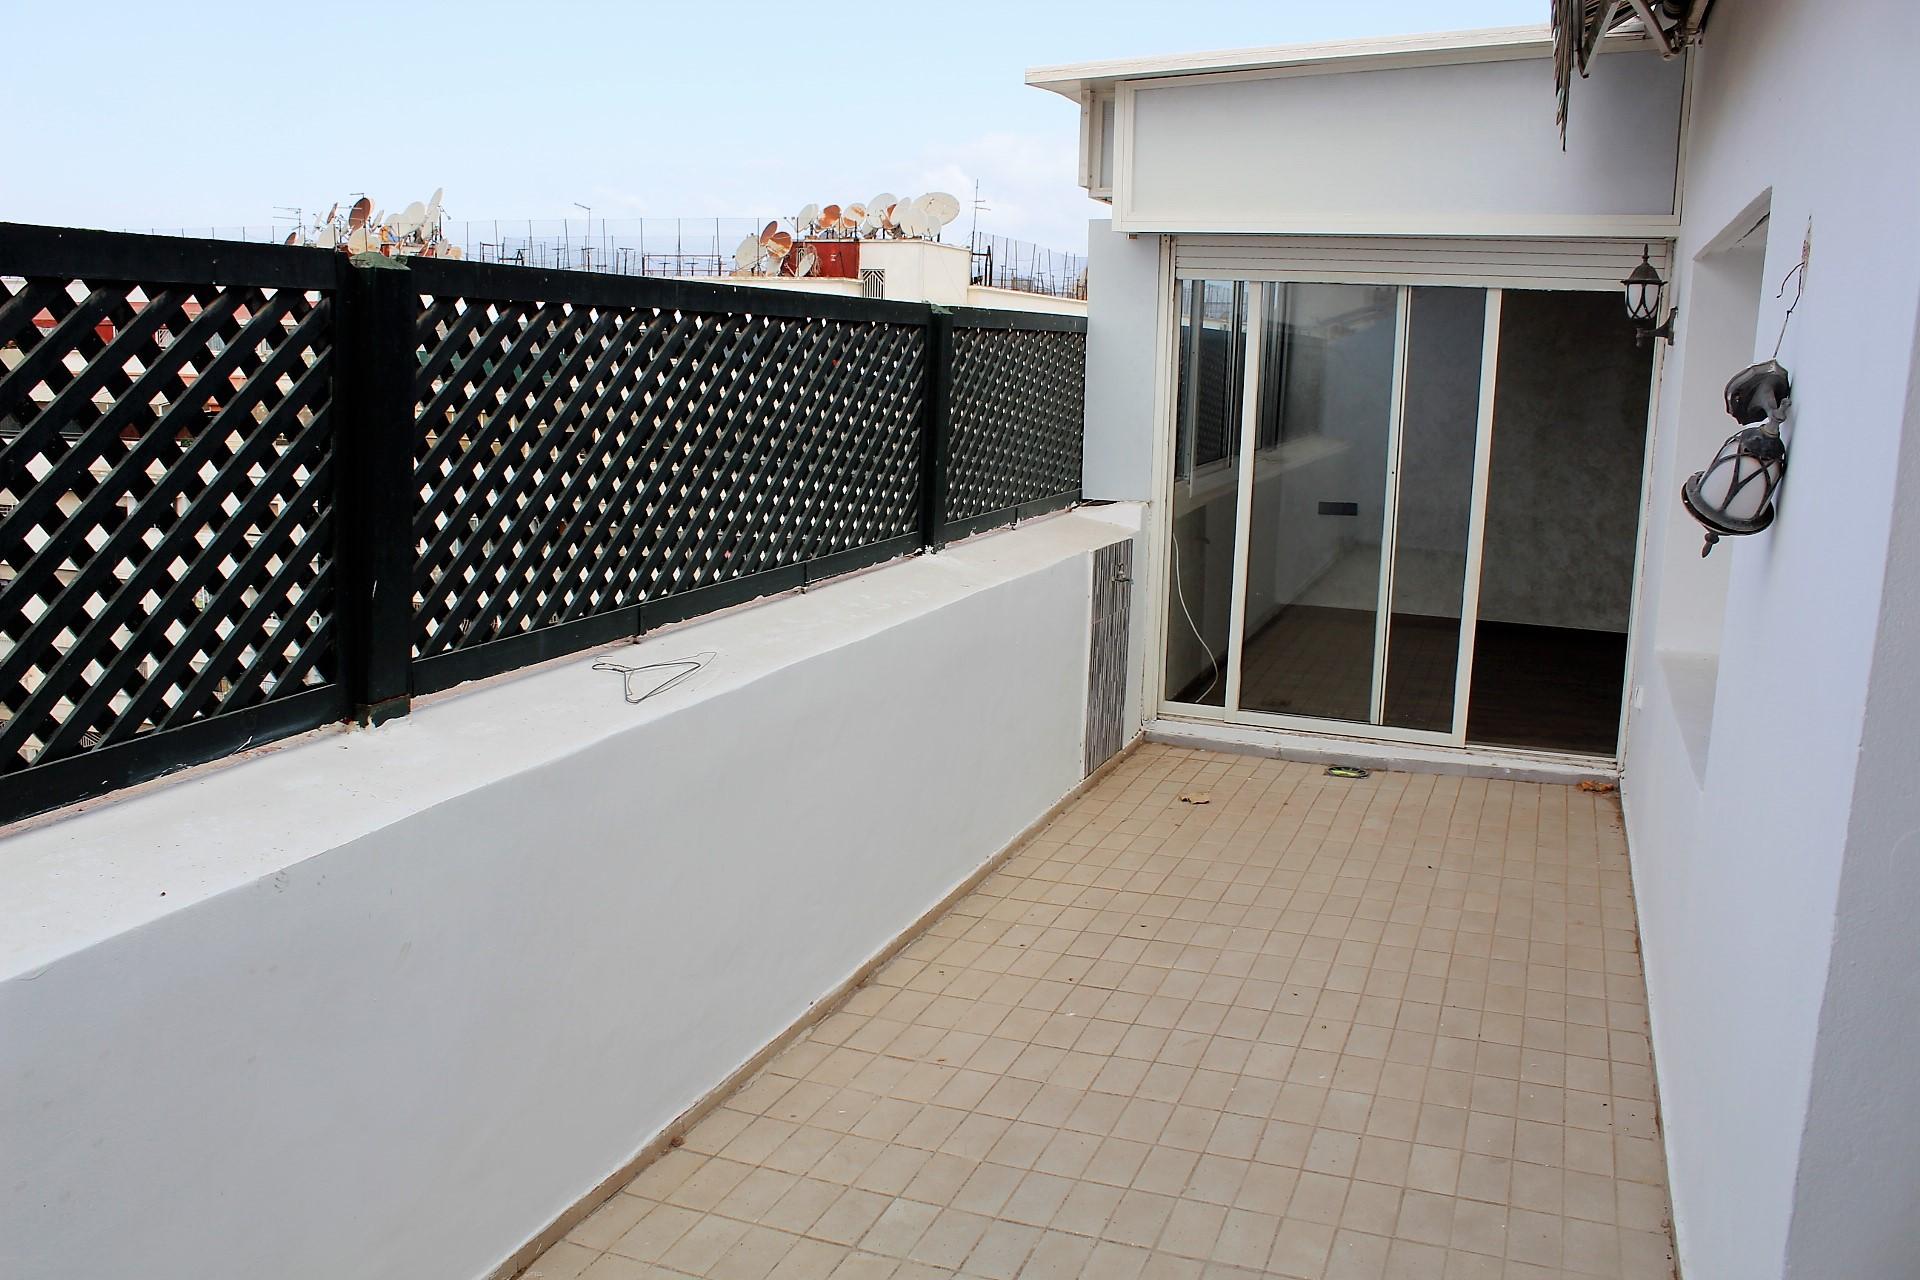 Maroc, Casablanca, Maarif extension, à louer appartement de 87 m² avec terrasse